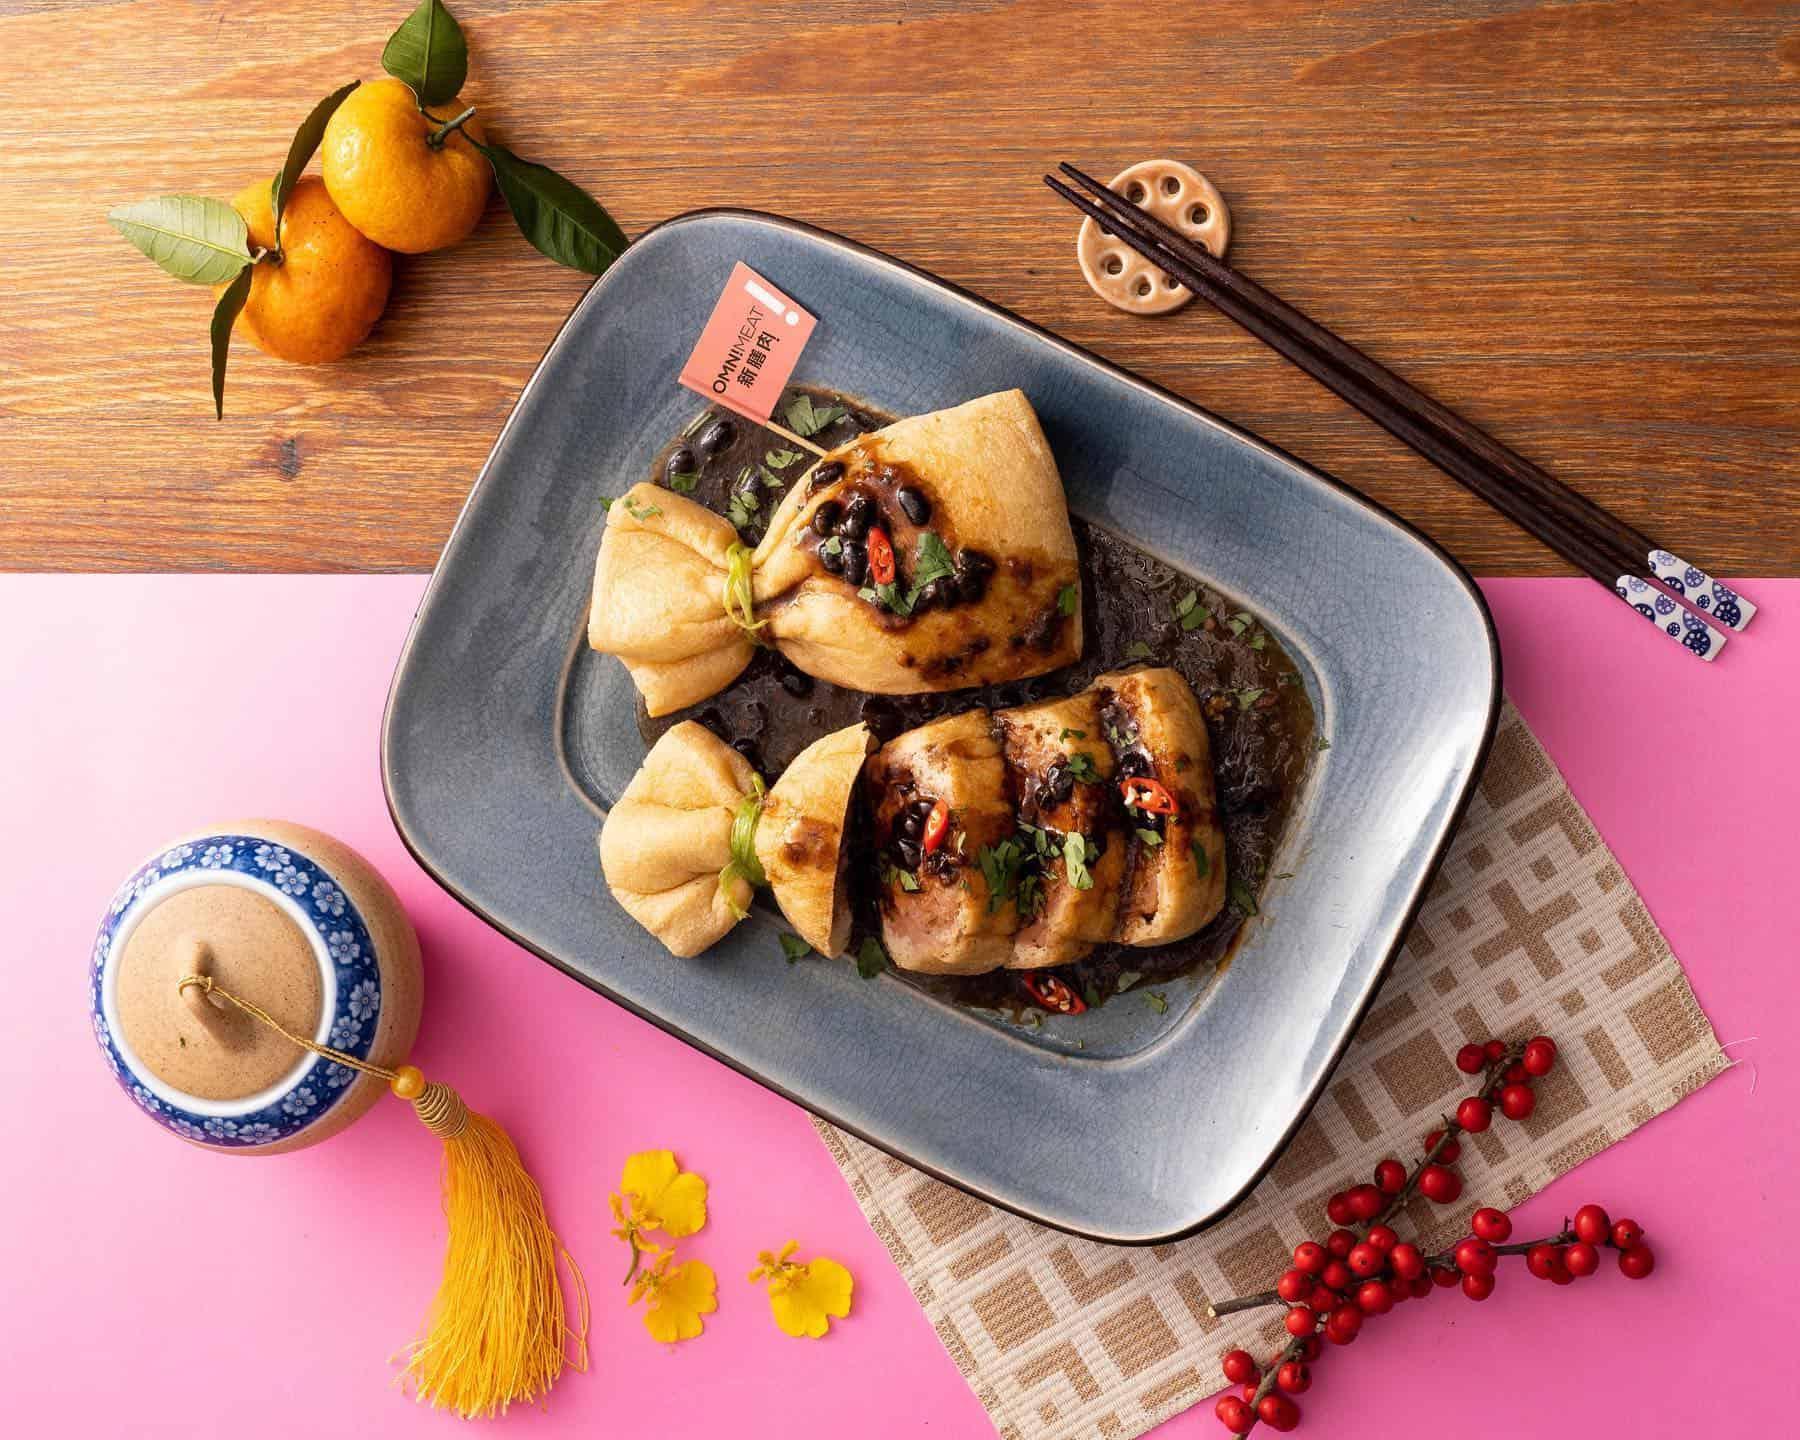 Green Monday Omnimeat dumplings